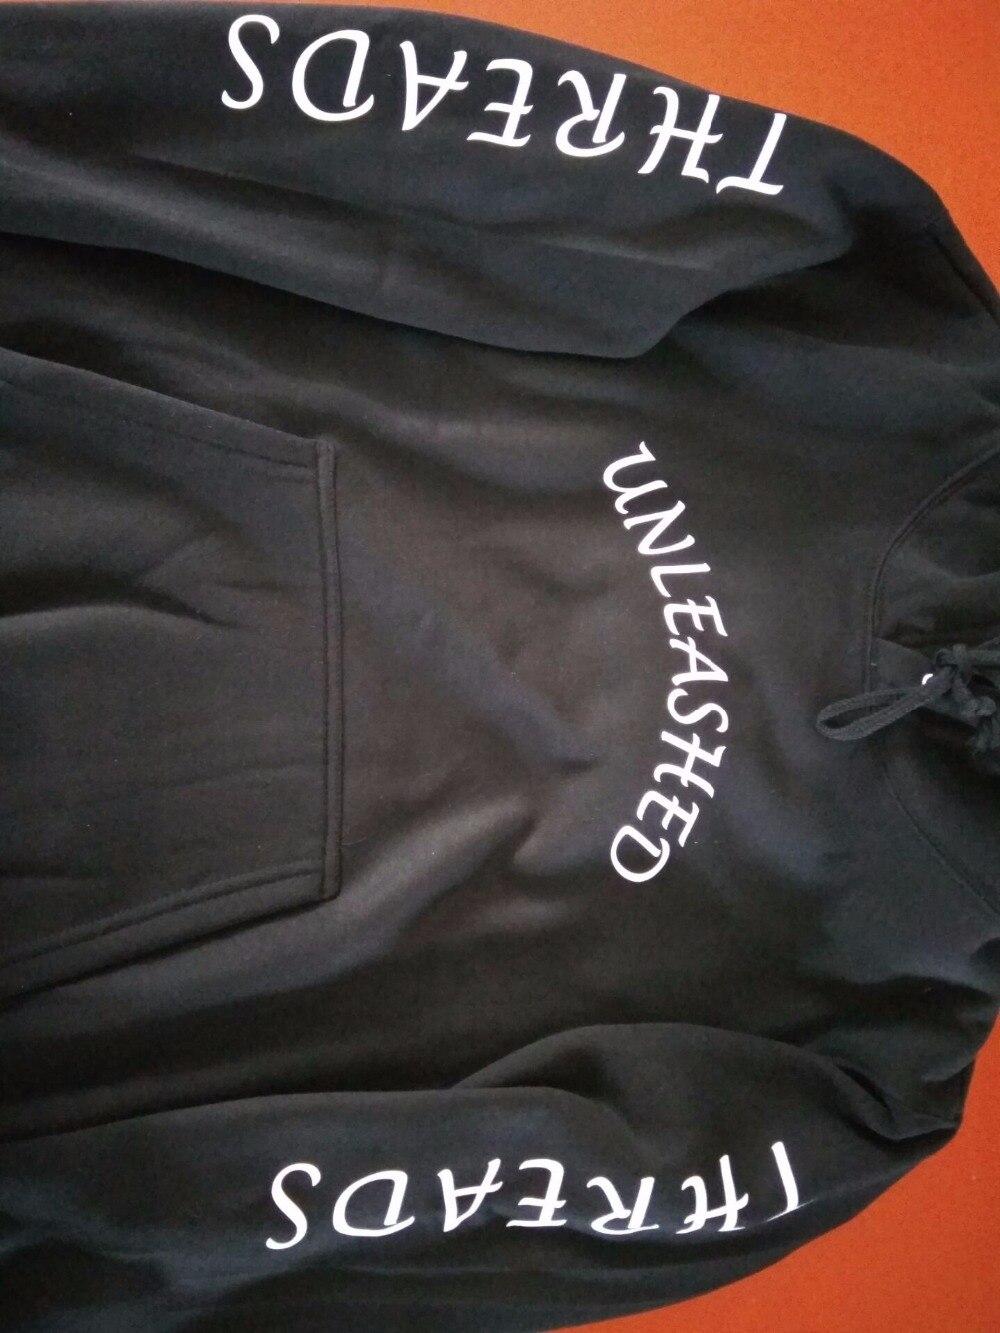 Logo personnalisé Sweatshirt Femmes Hommes Personnalisé Imprimé - Vêtements pour hommes - Photo 2